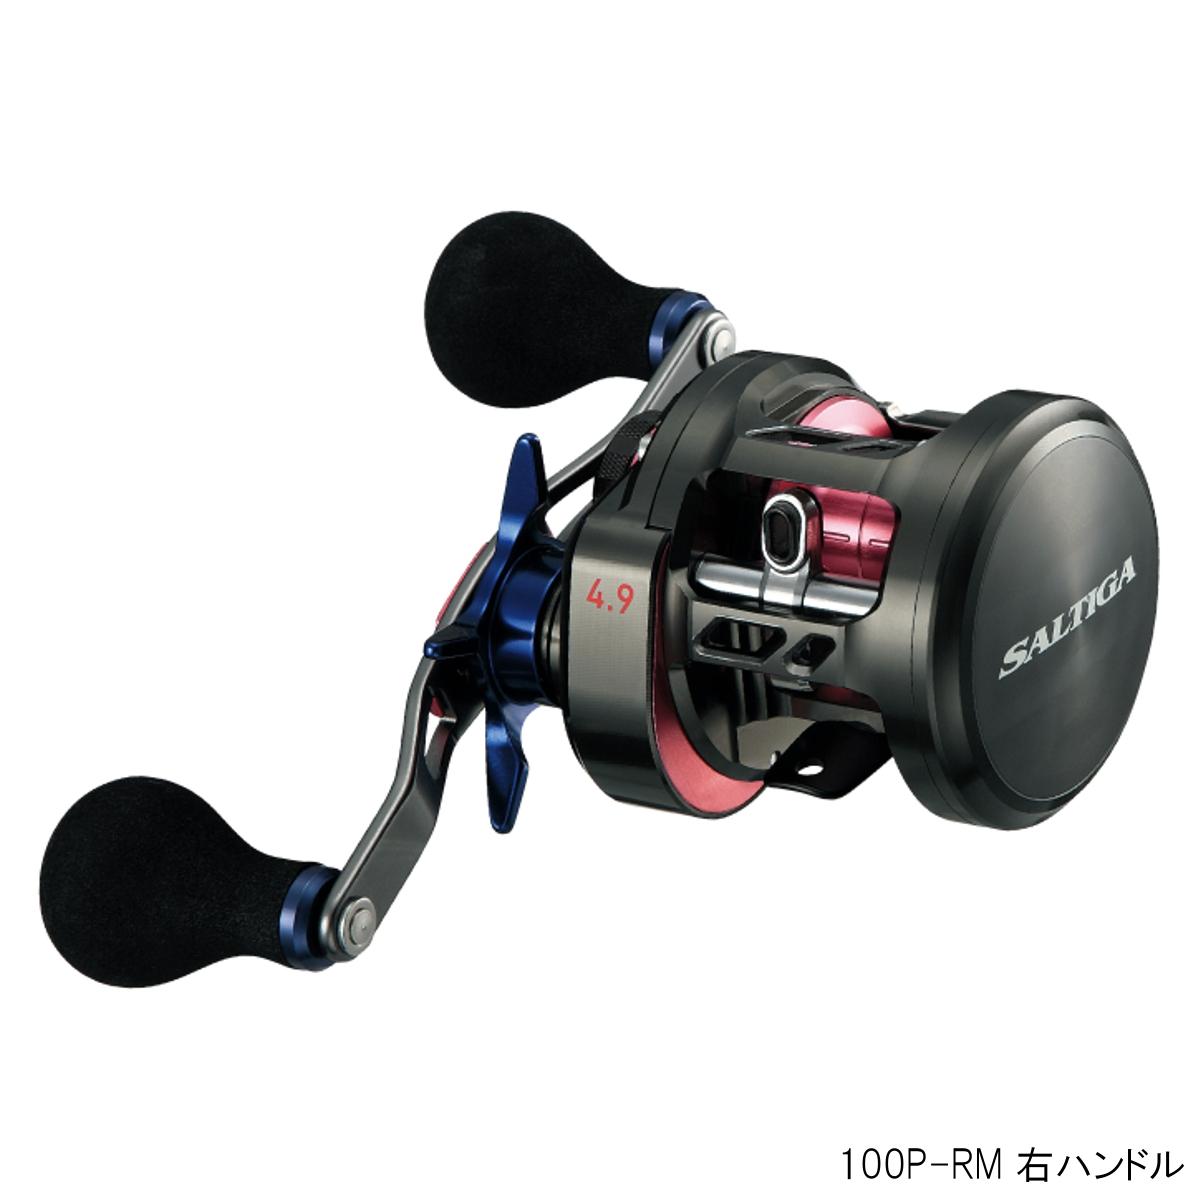 ダイワ ソルティガ BJ 100P-RM 右ハンドル(東日本店)